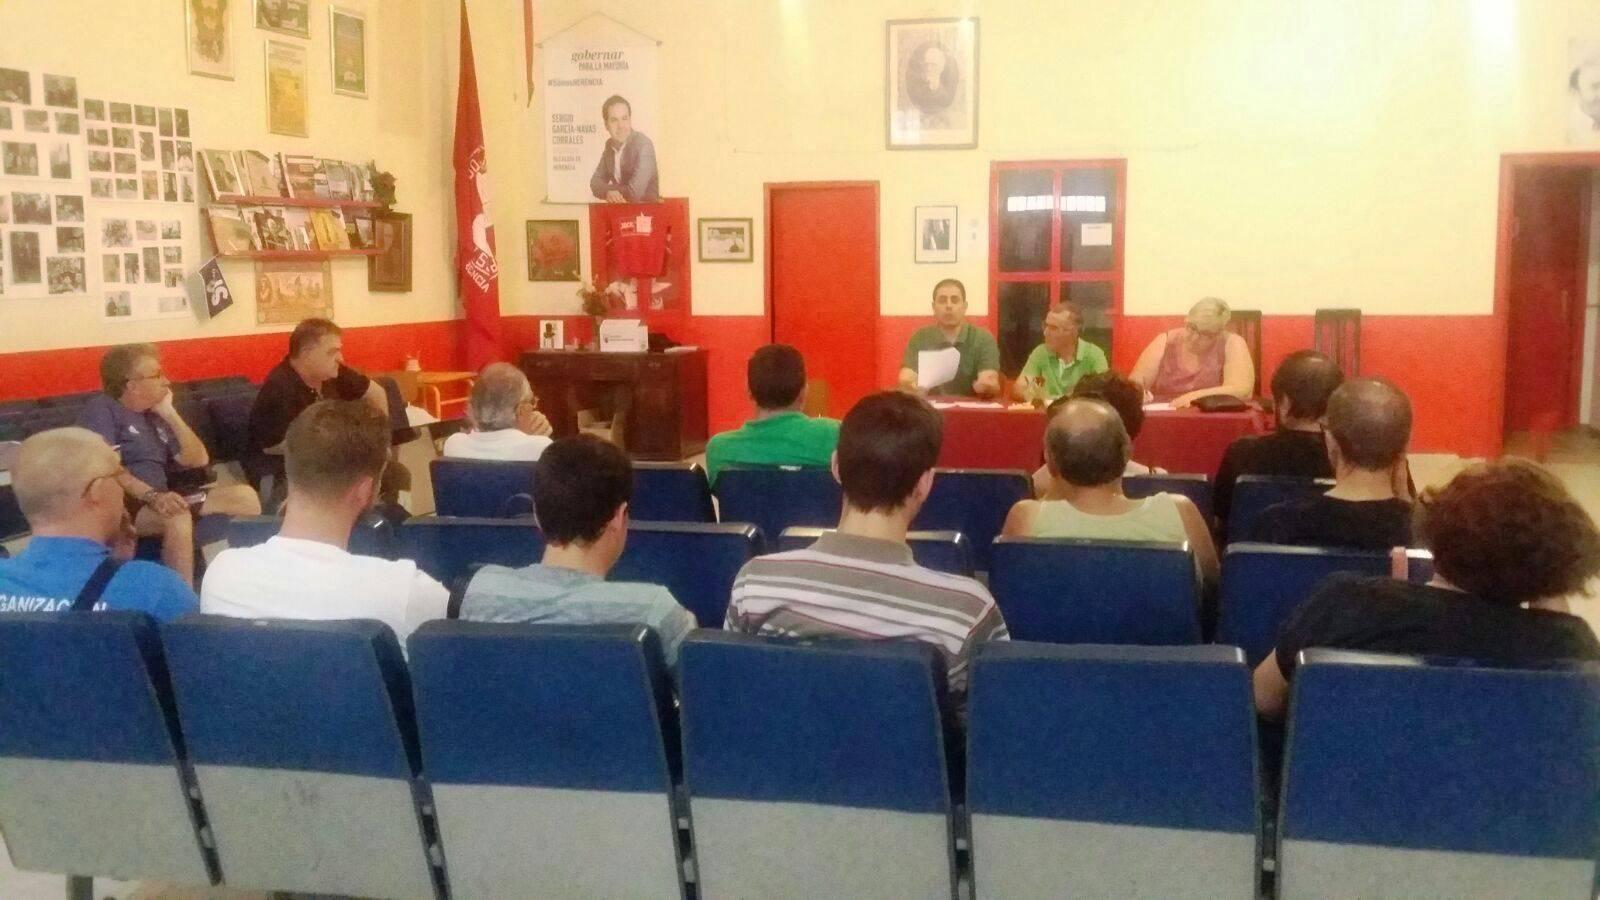 IMAGEN DE LA ASAMBLEA DEL PSOE DE HERENCIA - La asamblea del PSOE de Herencia considera importante aprobar los presupuestos regionales